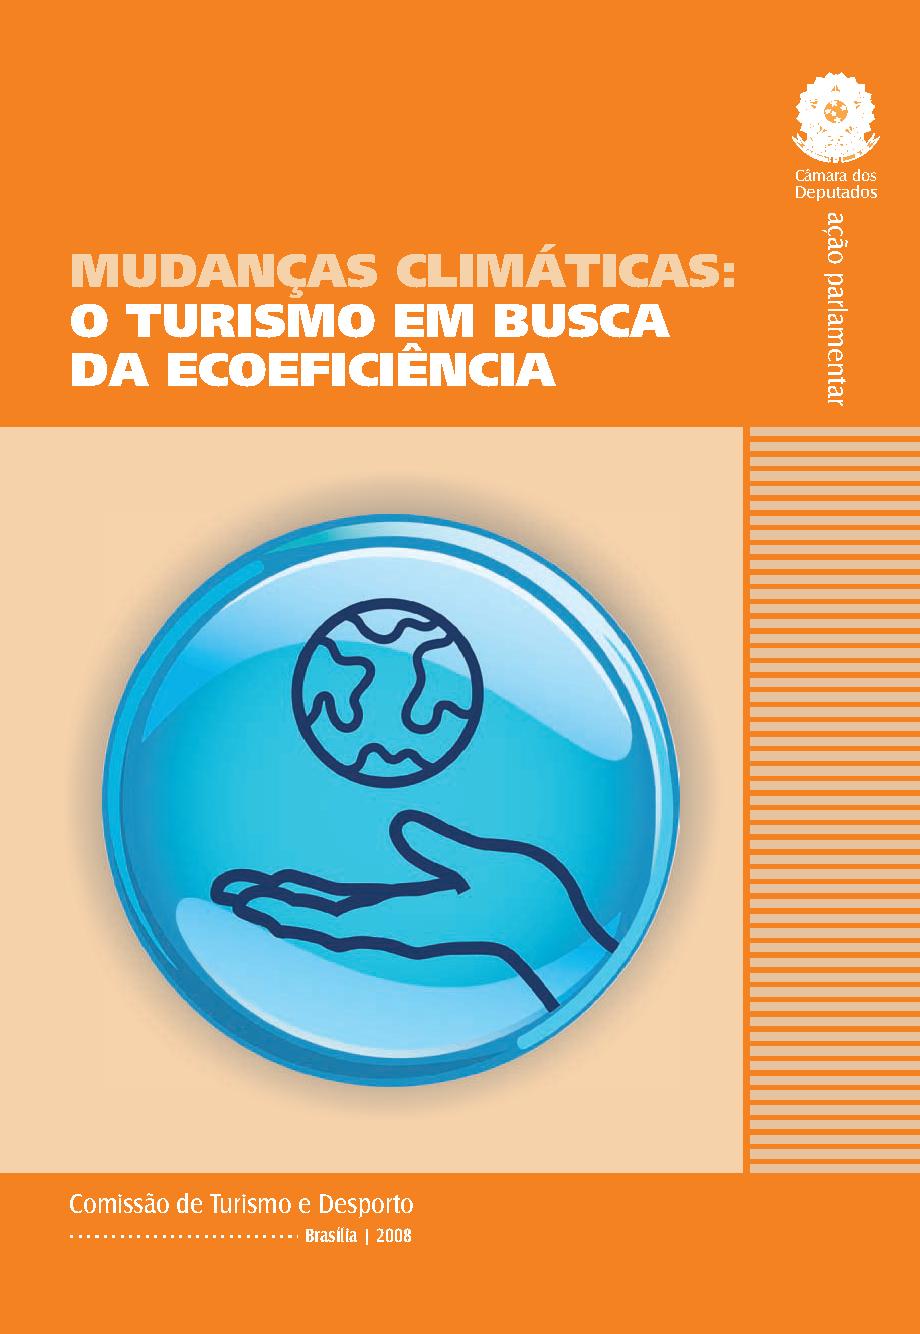 mudanças climáticas brasilia